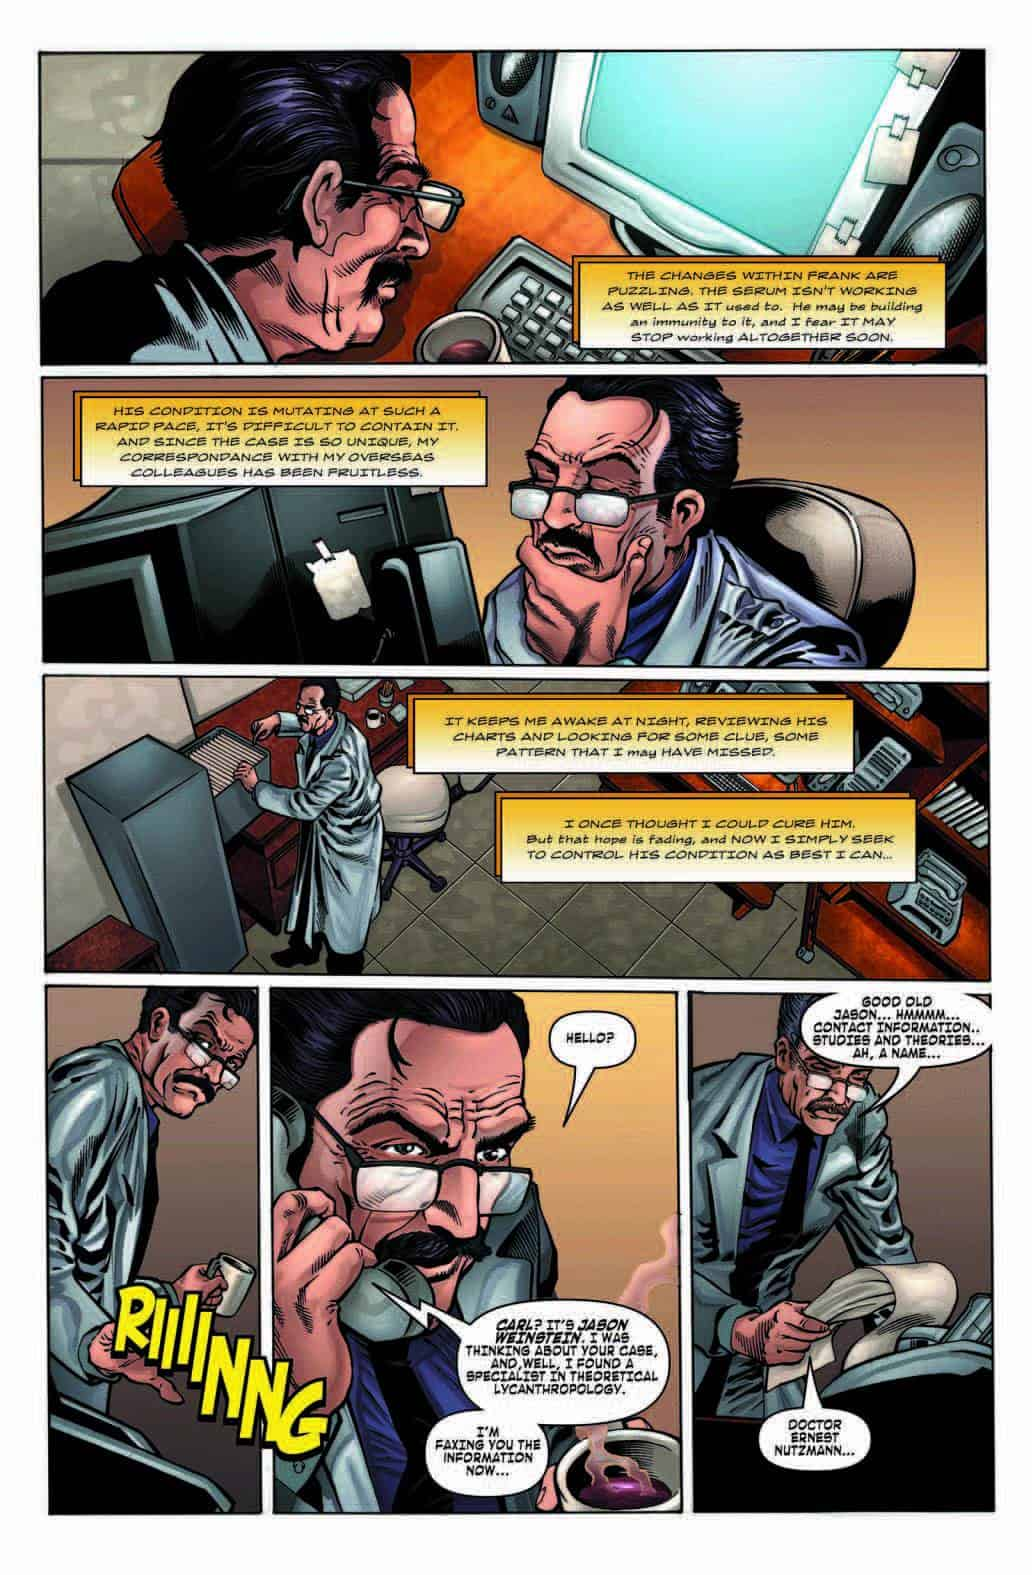 Lethal Instinct 7